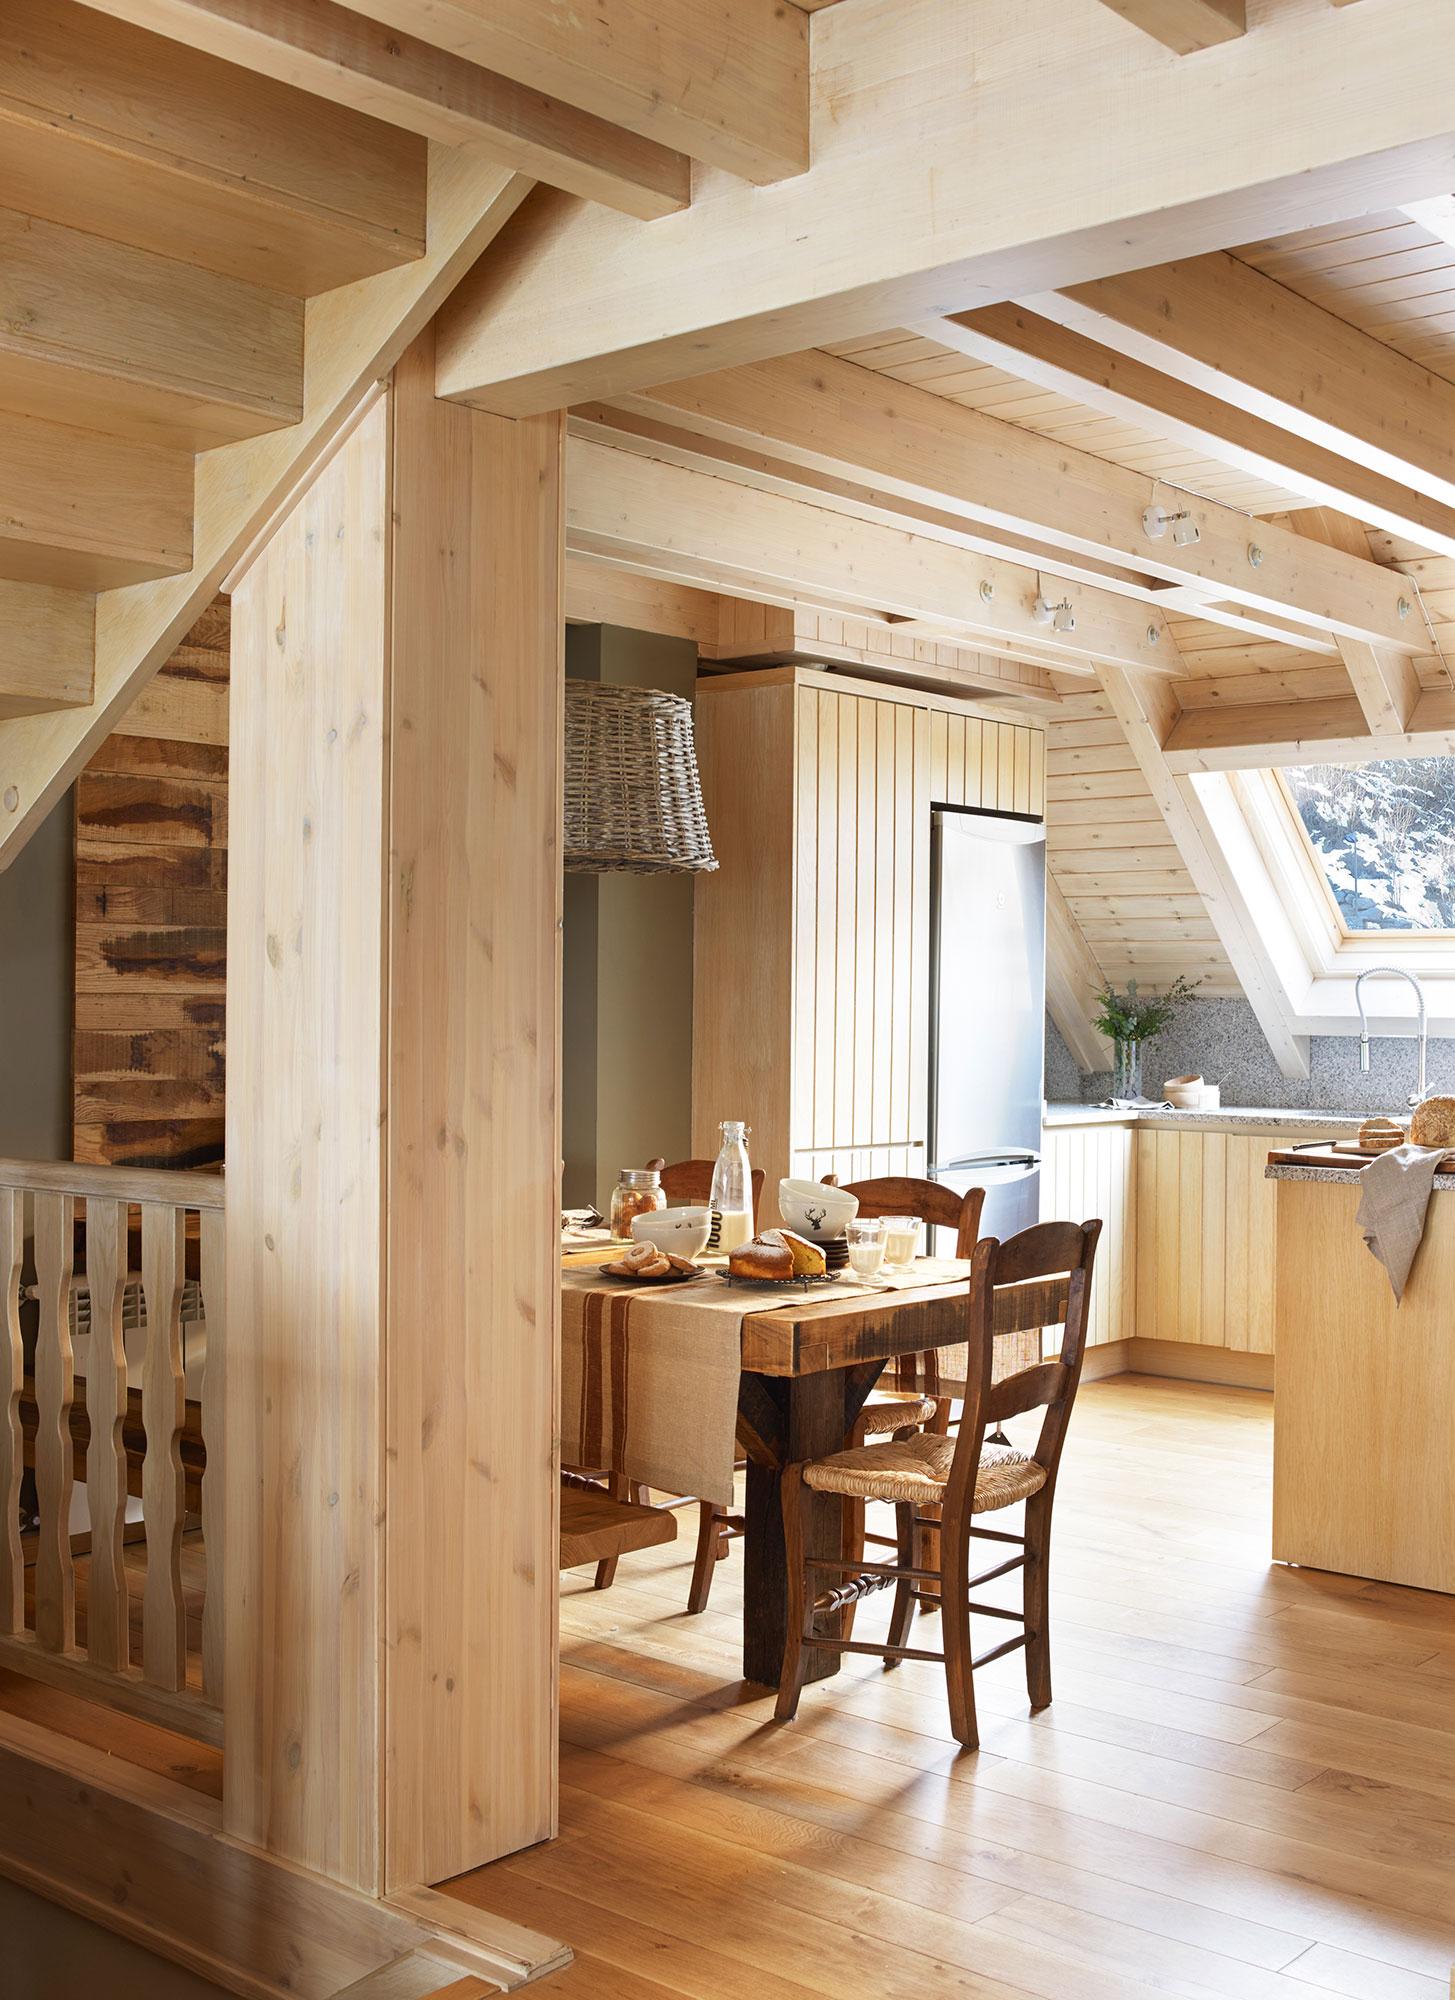 Cocinas peque as claves para distribuirlas en u for Muebles de madera para cocina pequena